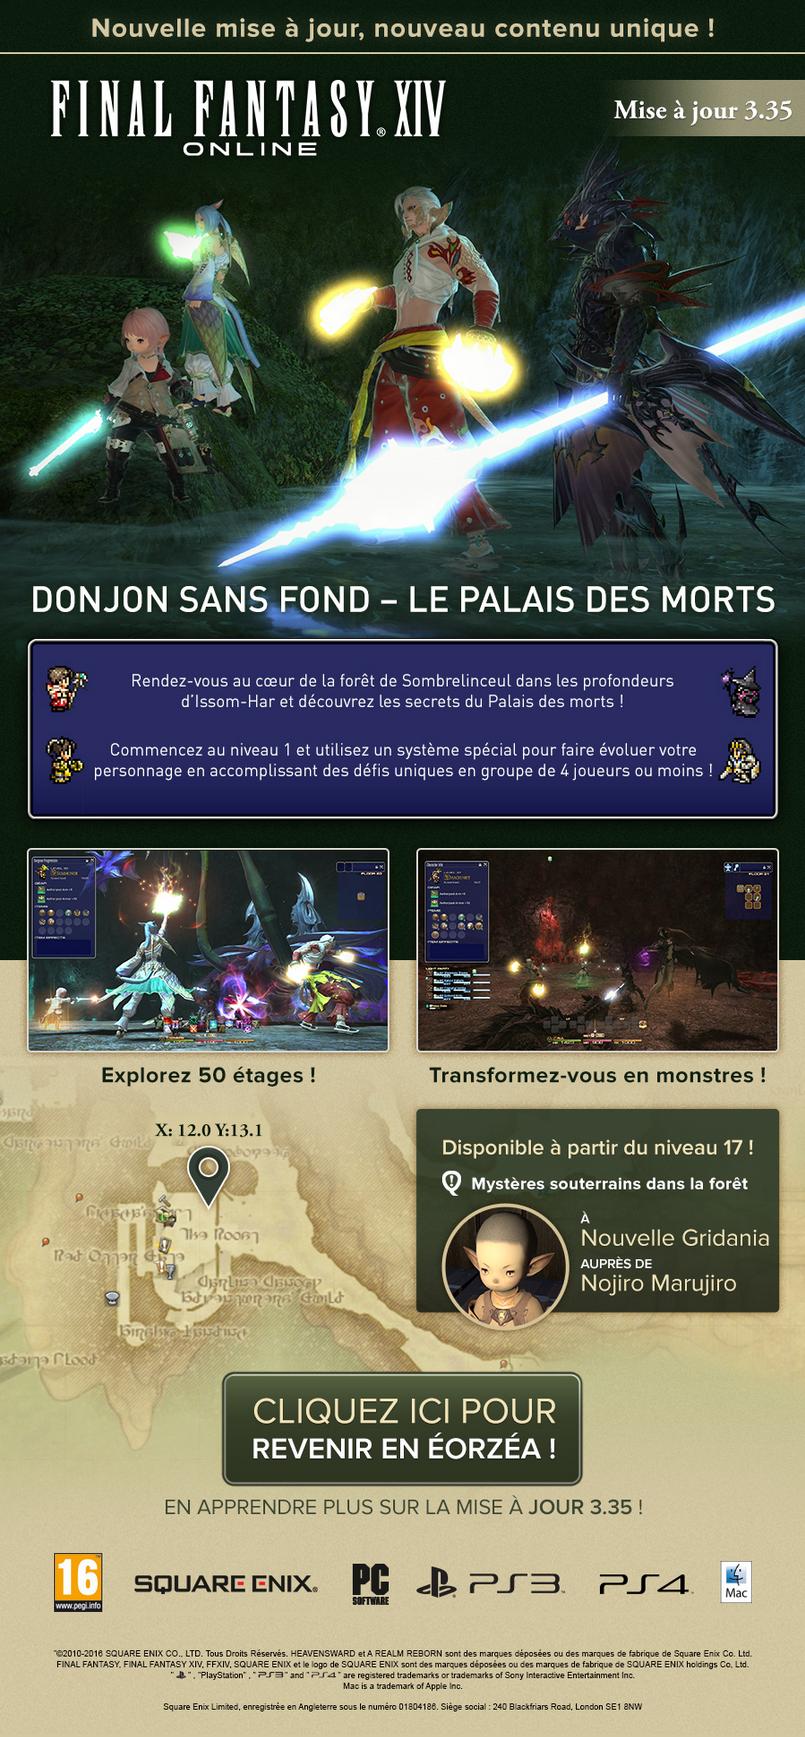 FF XIV Palais des morts 0